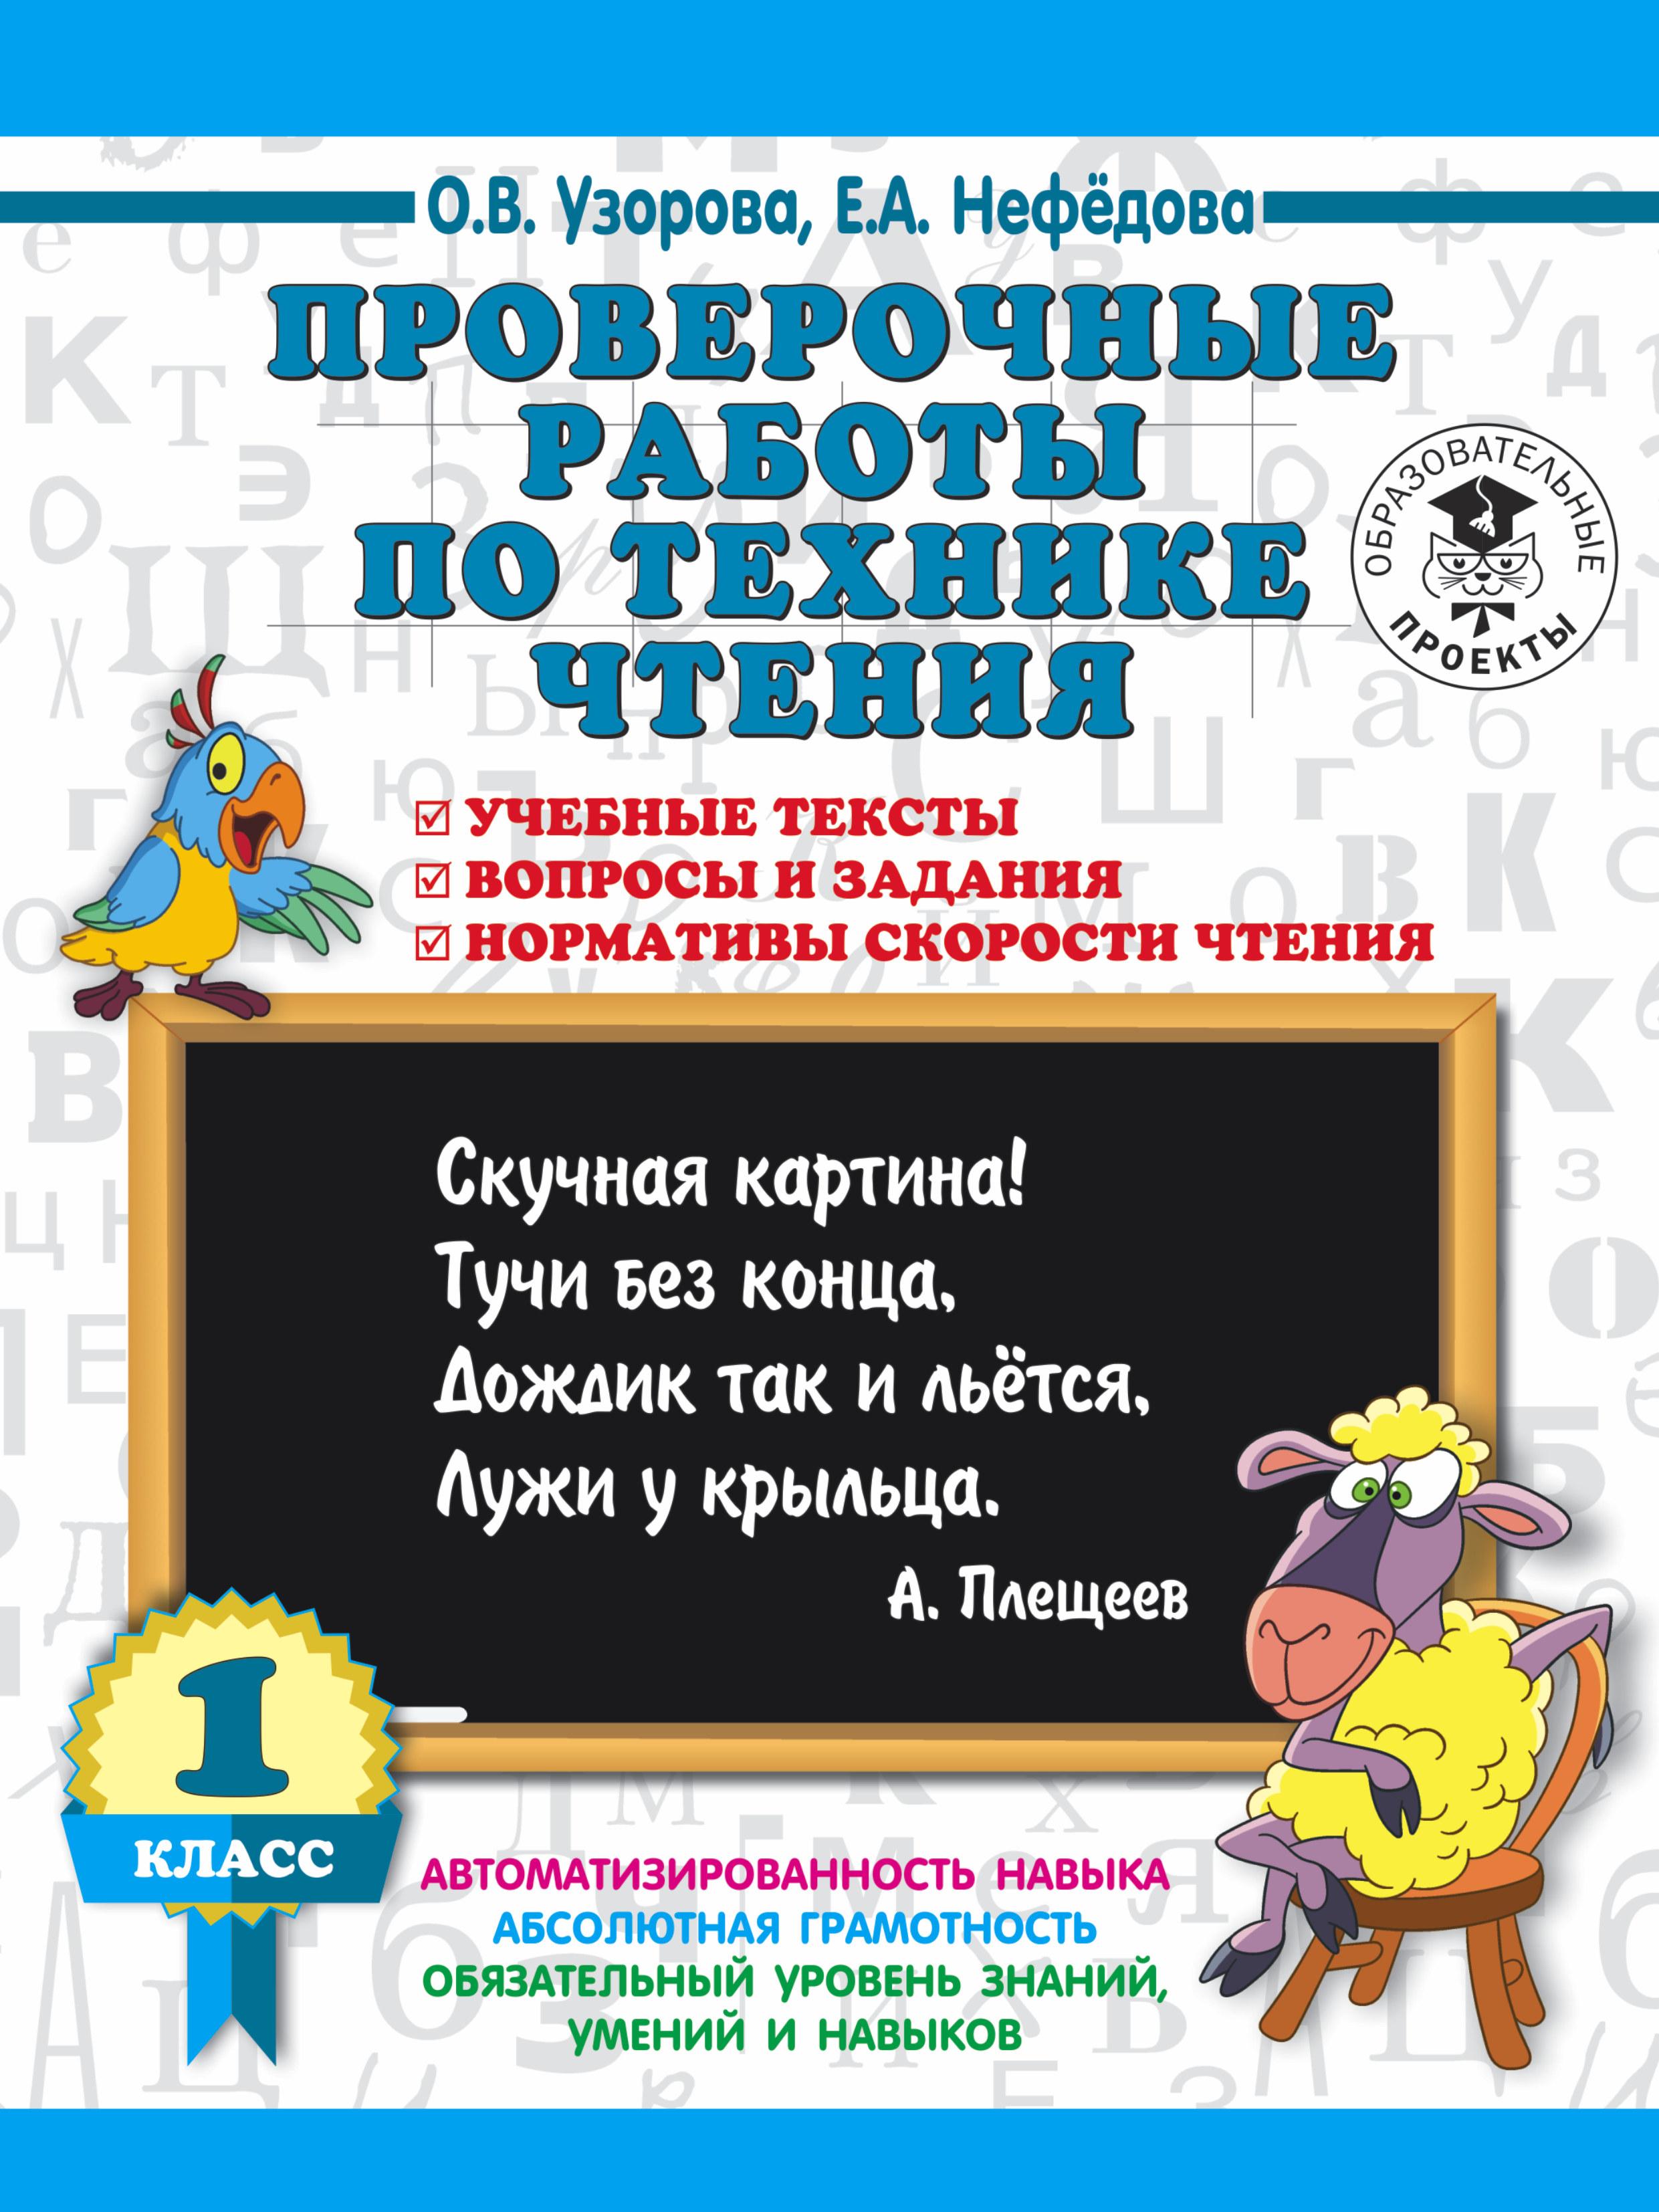 Проверочные работы по технике чтения. 1 класс. Учебные тексты, вопросы и задания, нормативы скорости чтения. ( Узорова О.В.  )